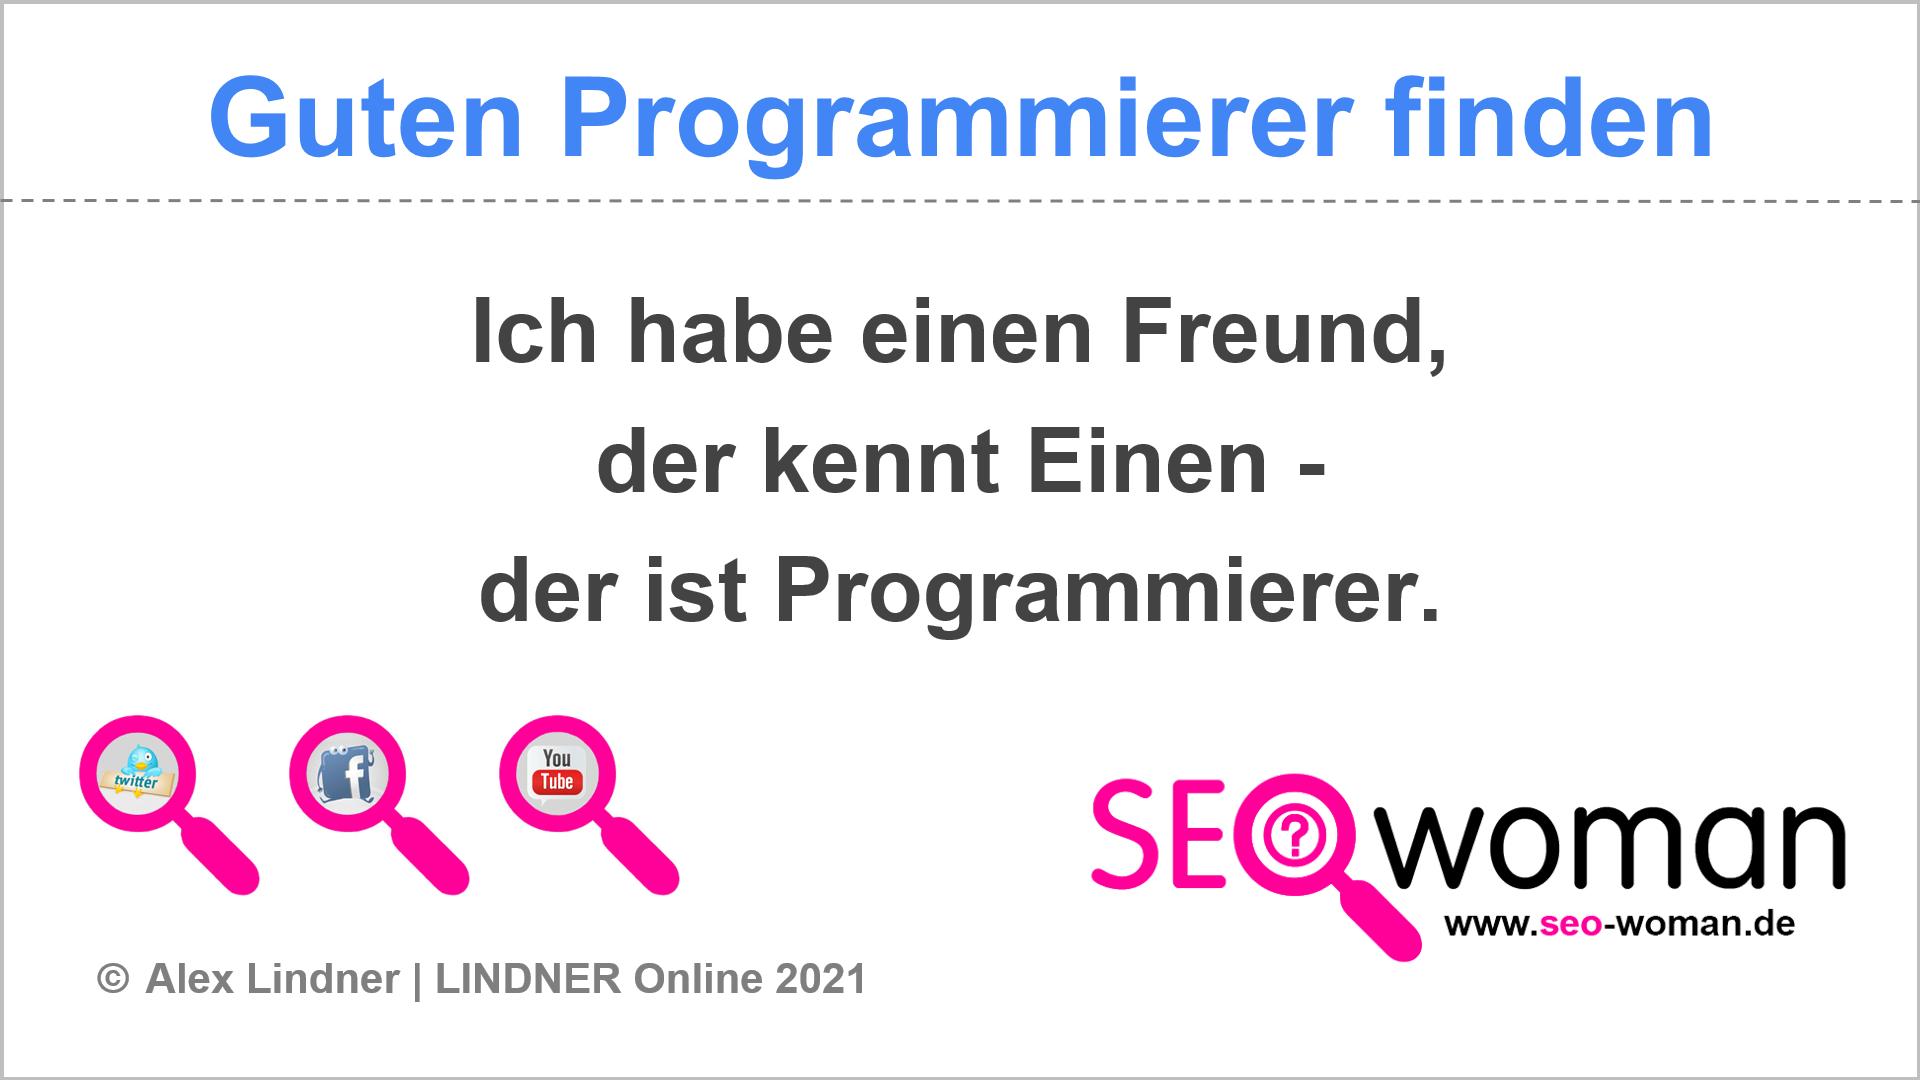 Guten Programmierer finden